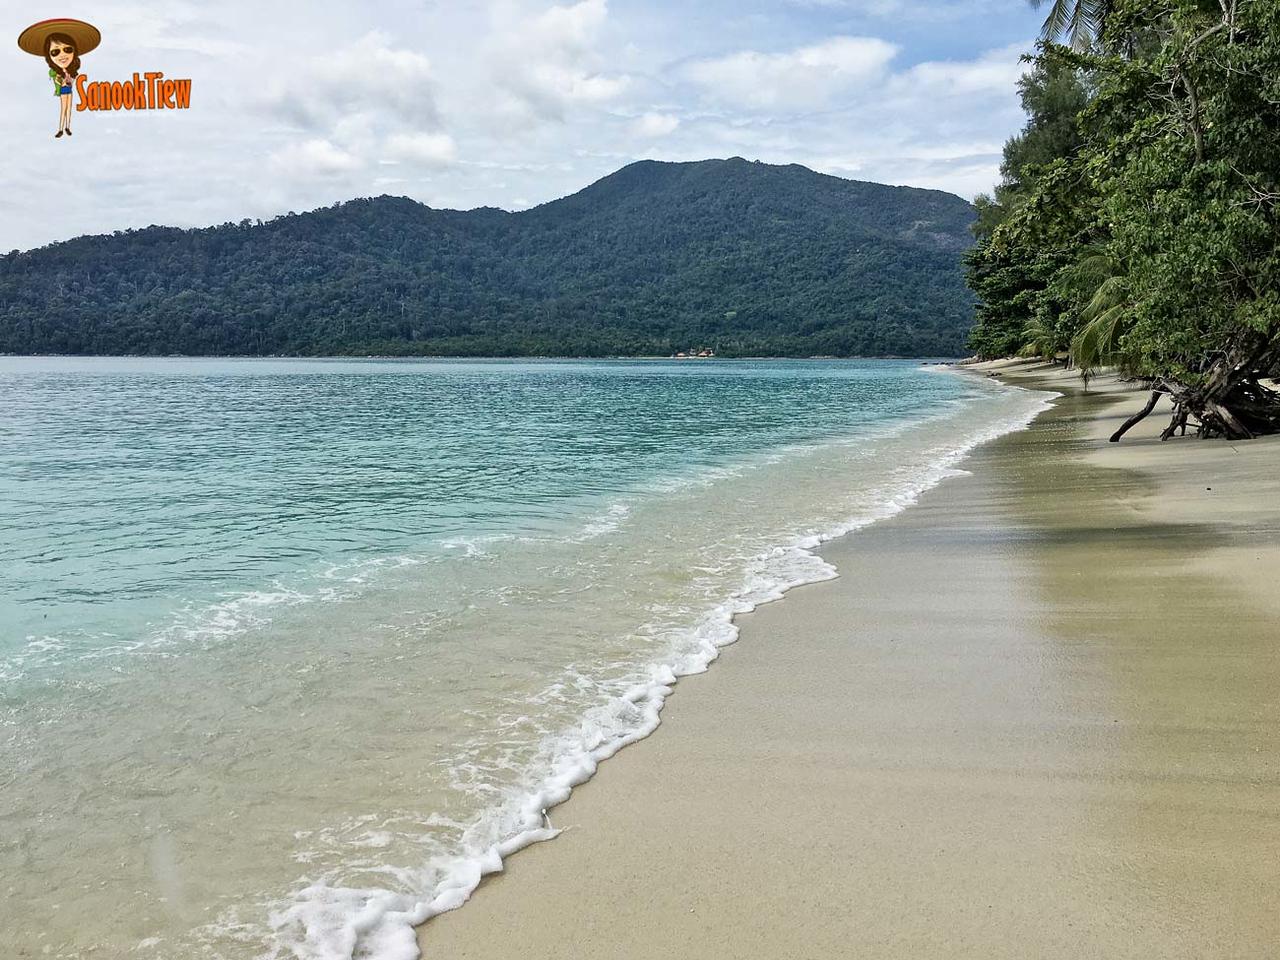 ความร่มรื่น สวยงาม และ เงียบสงบ ของ หาดซันเซ็ท